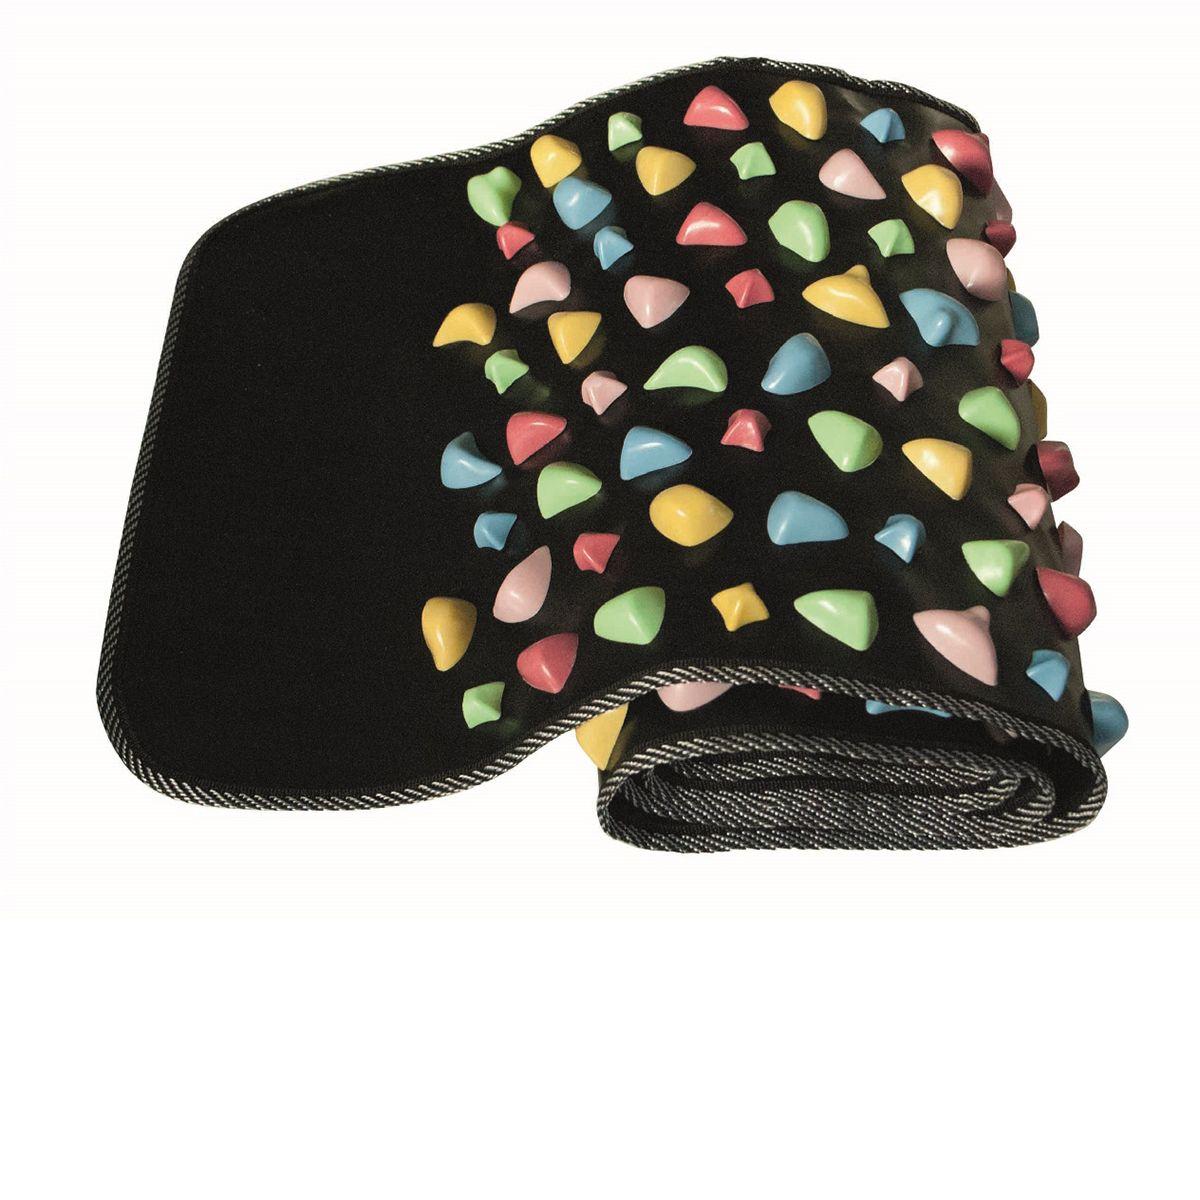 Купить Массажный коврик «Дорожка с камнями» 1051 Орто.Ник, Ortonik